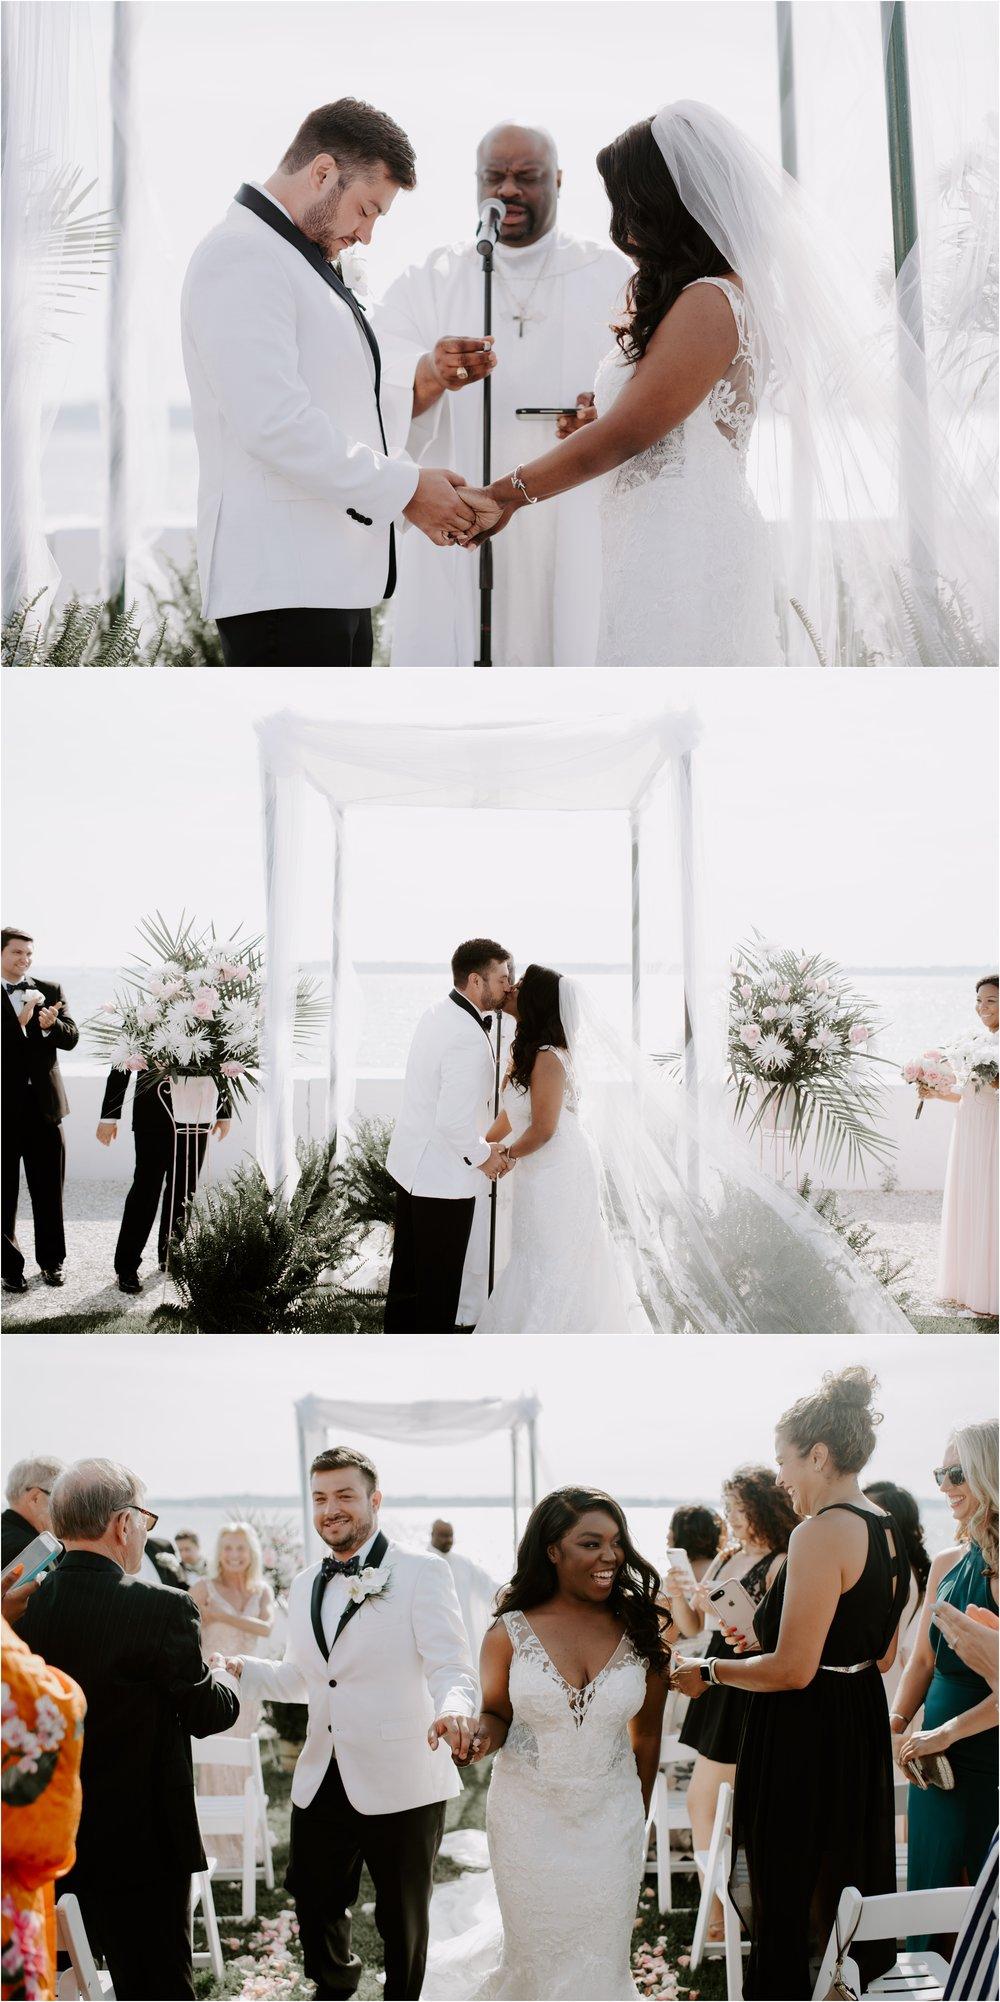 JANELLEANDJULIAN-wedding-madelinerosephotographyco_0027.jpg